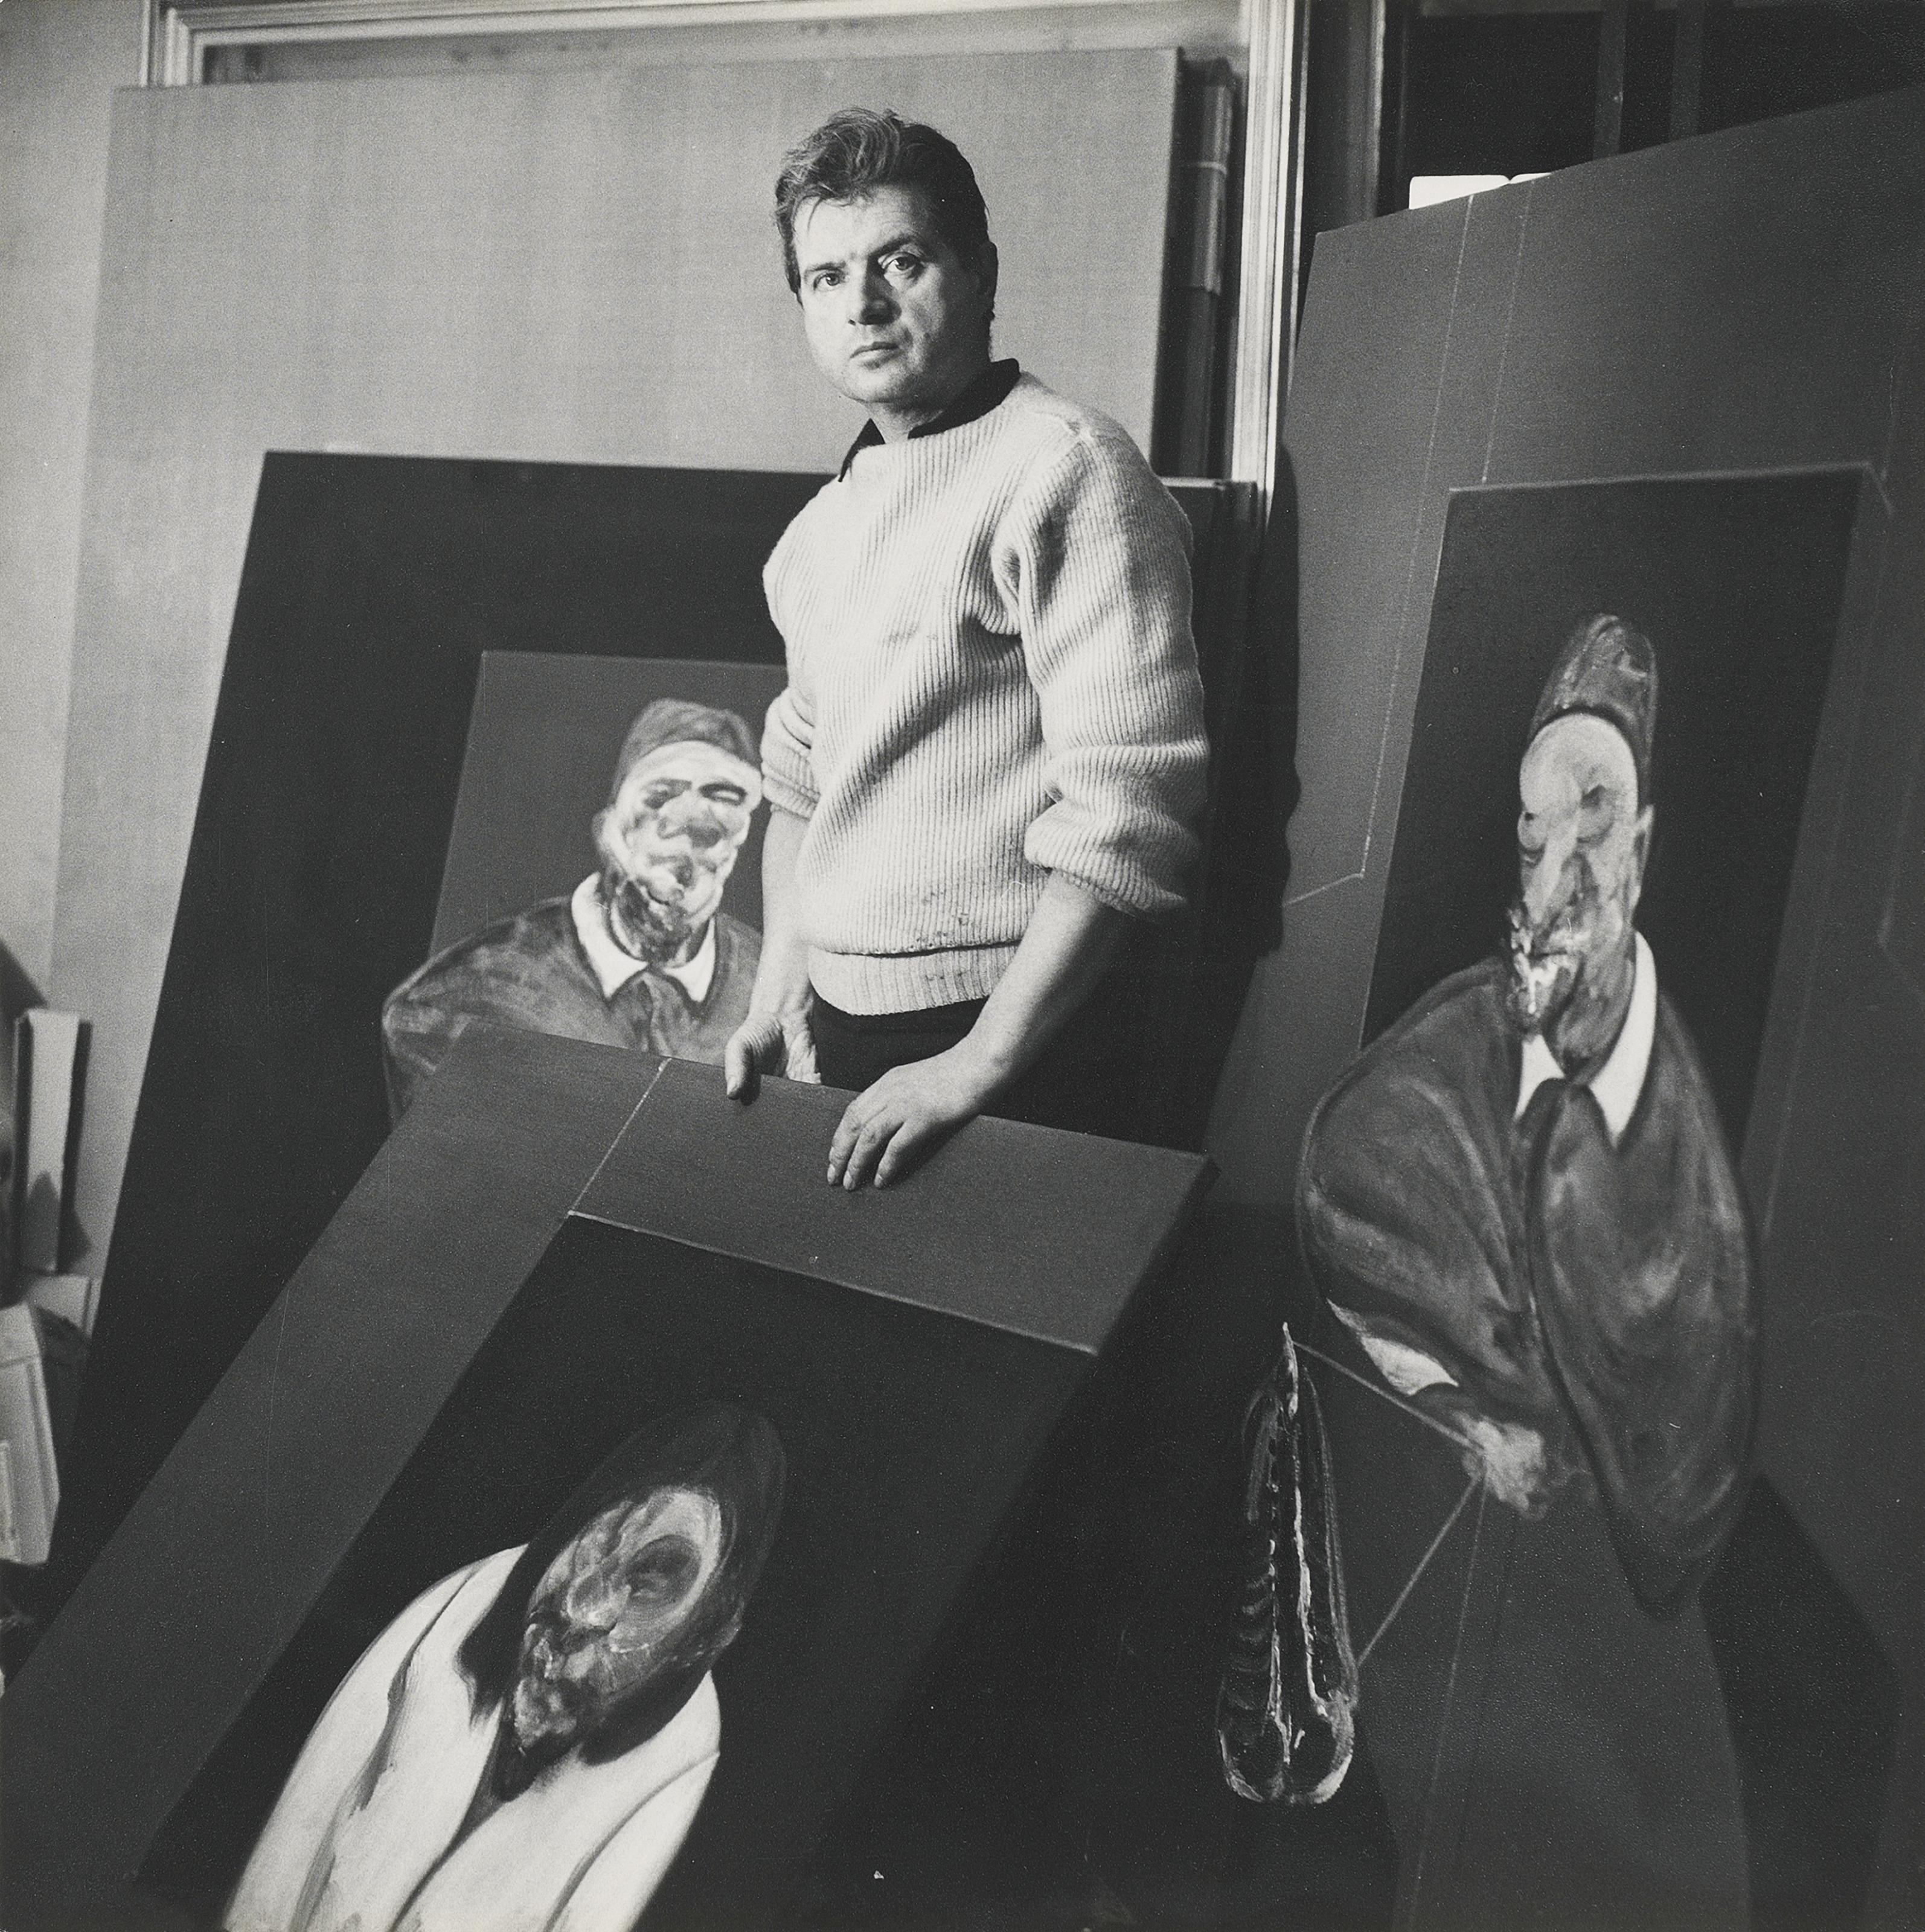 Cecil Beaton, 'Francis Bacon in His Studio', 1960. Photo: Christie's